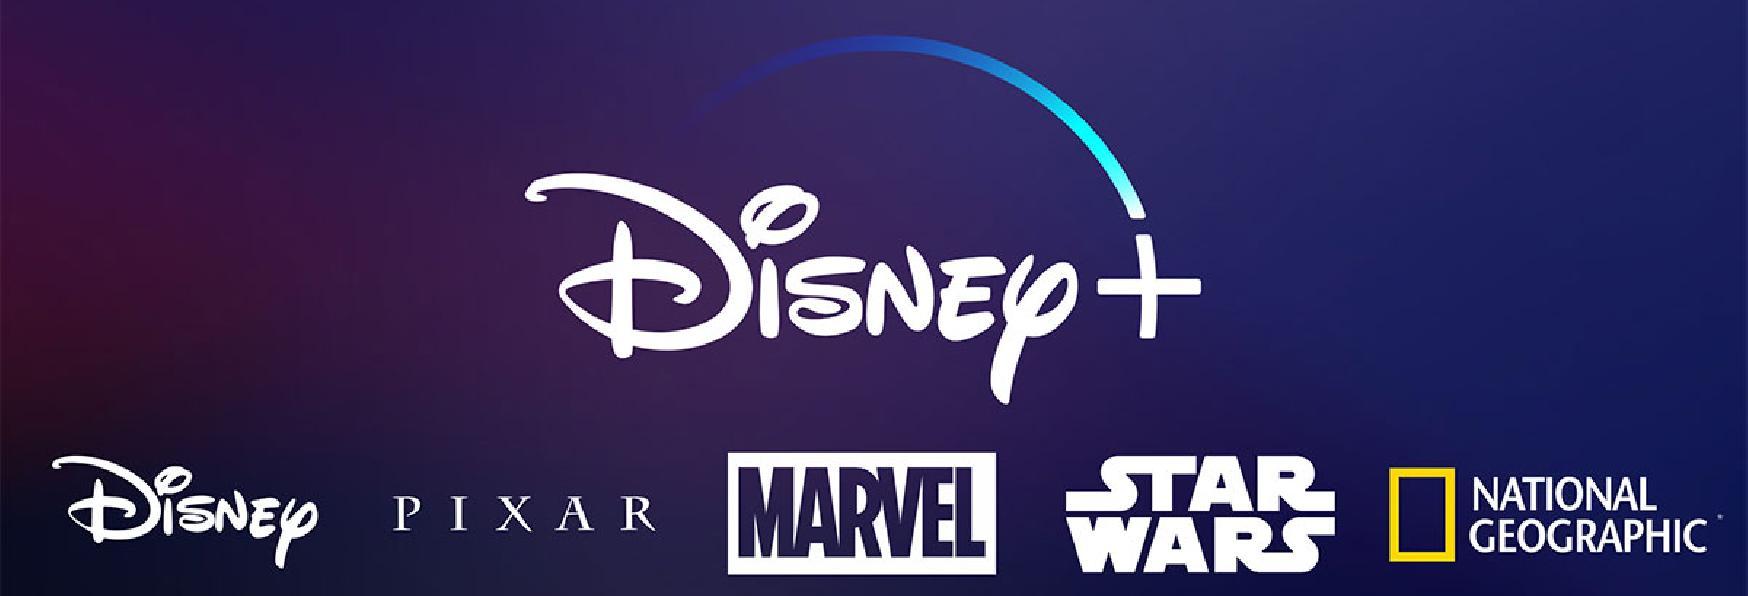 Disney+: annunciati i Costi e la Data di Lancio della Piattaforma di Streaming